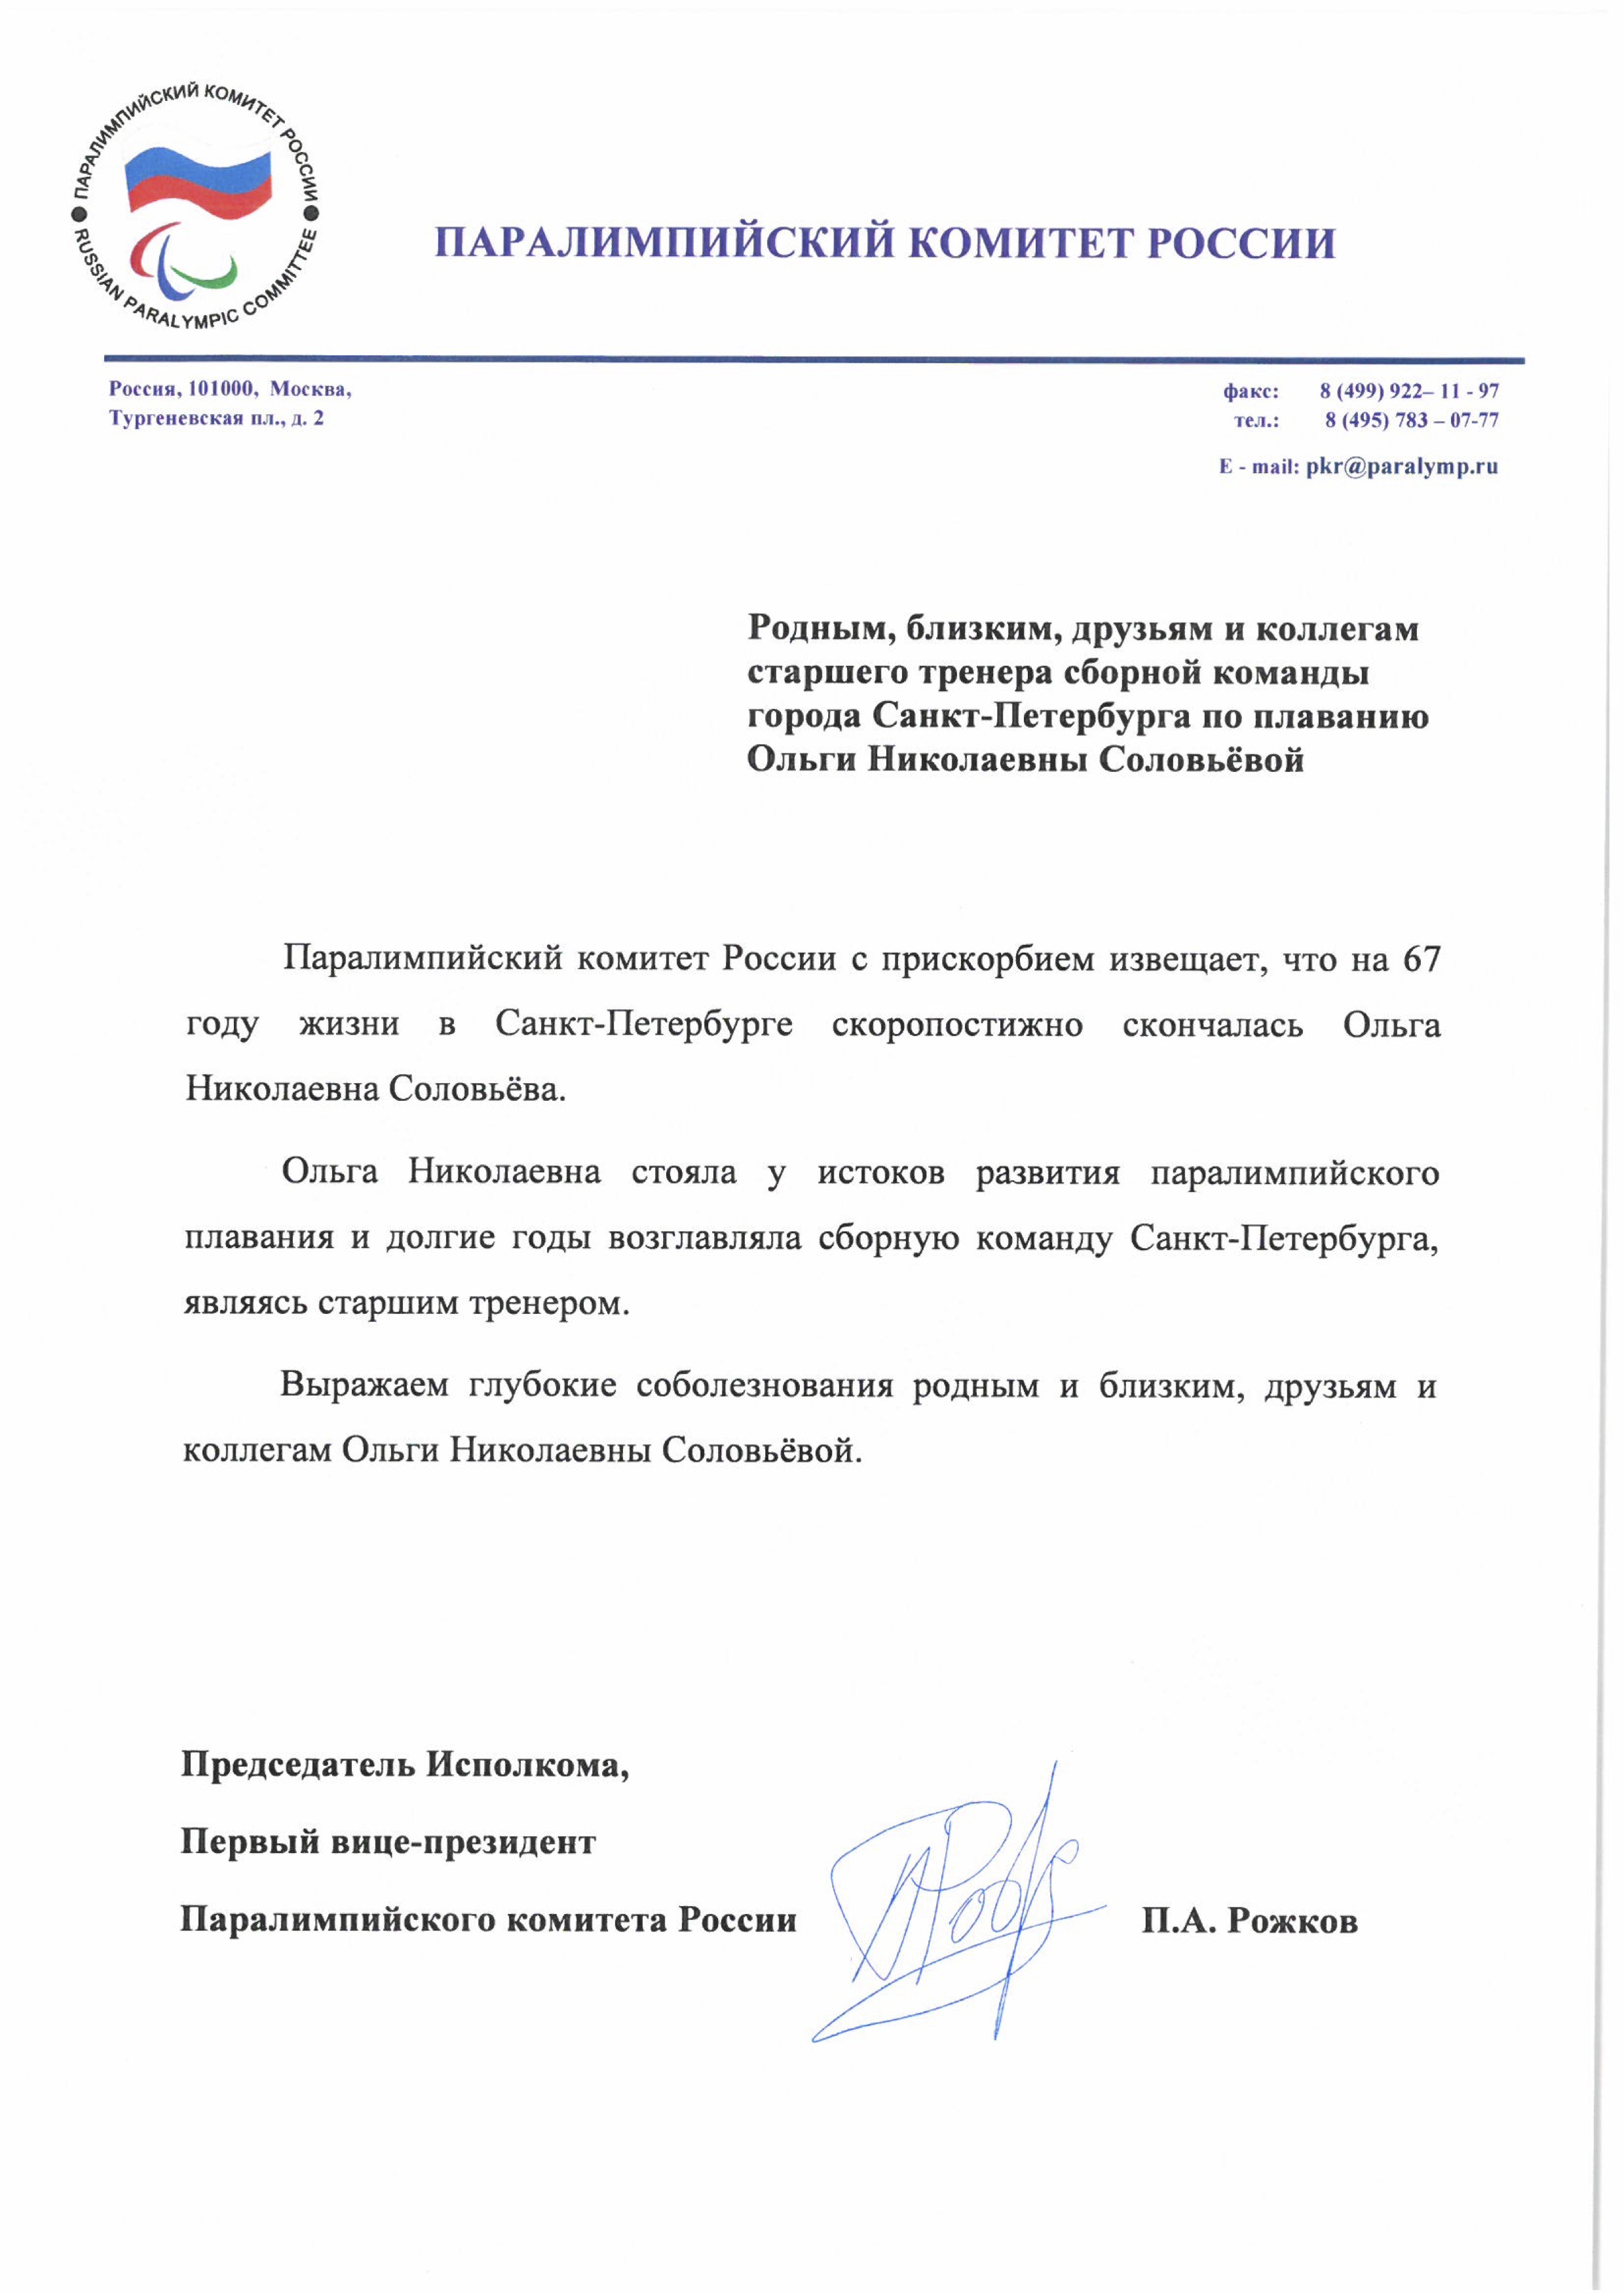 Паралимпийский комитет России с прискорбием извещает, что на 67 году жизни в Санкт-Петербурге скоропостижно скончалась Ольга Николаевна Соловьёва